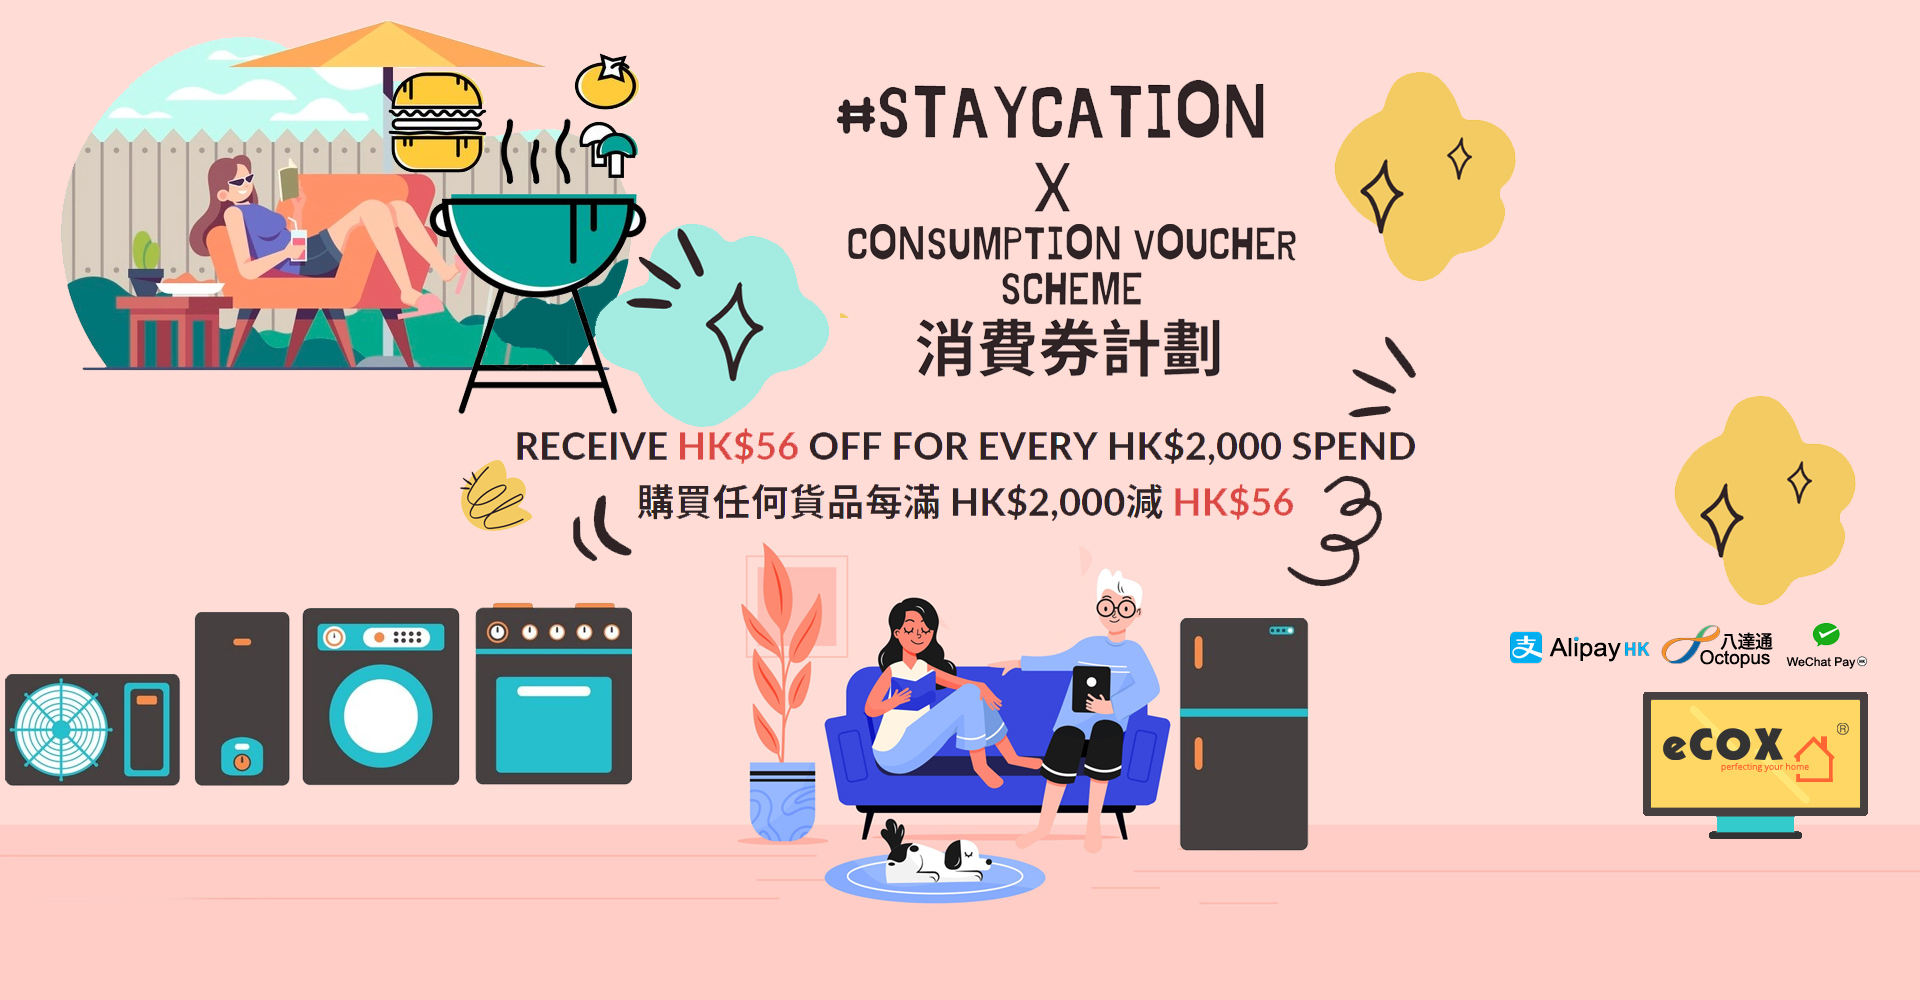 Consumption Voucher Scheme Offer